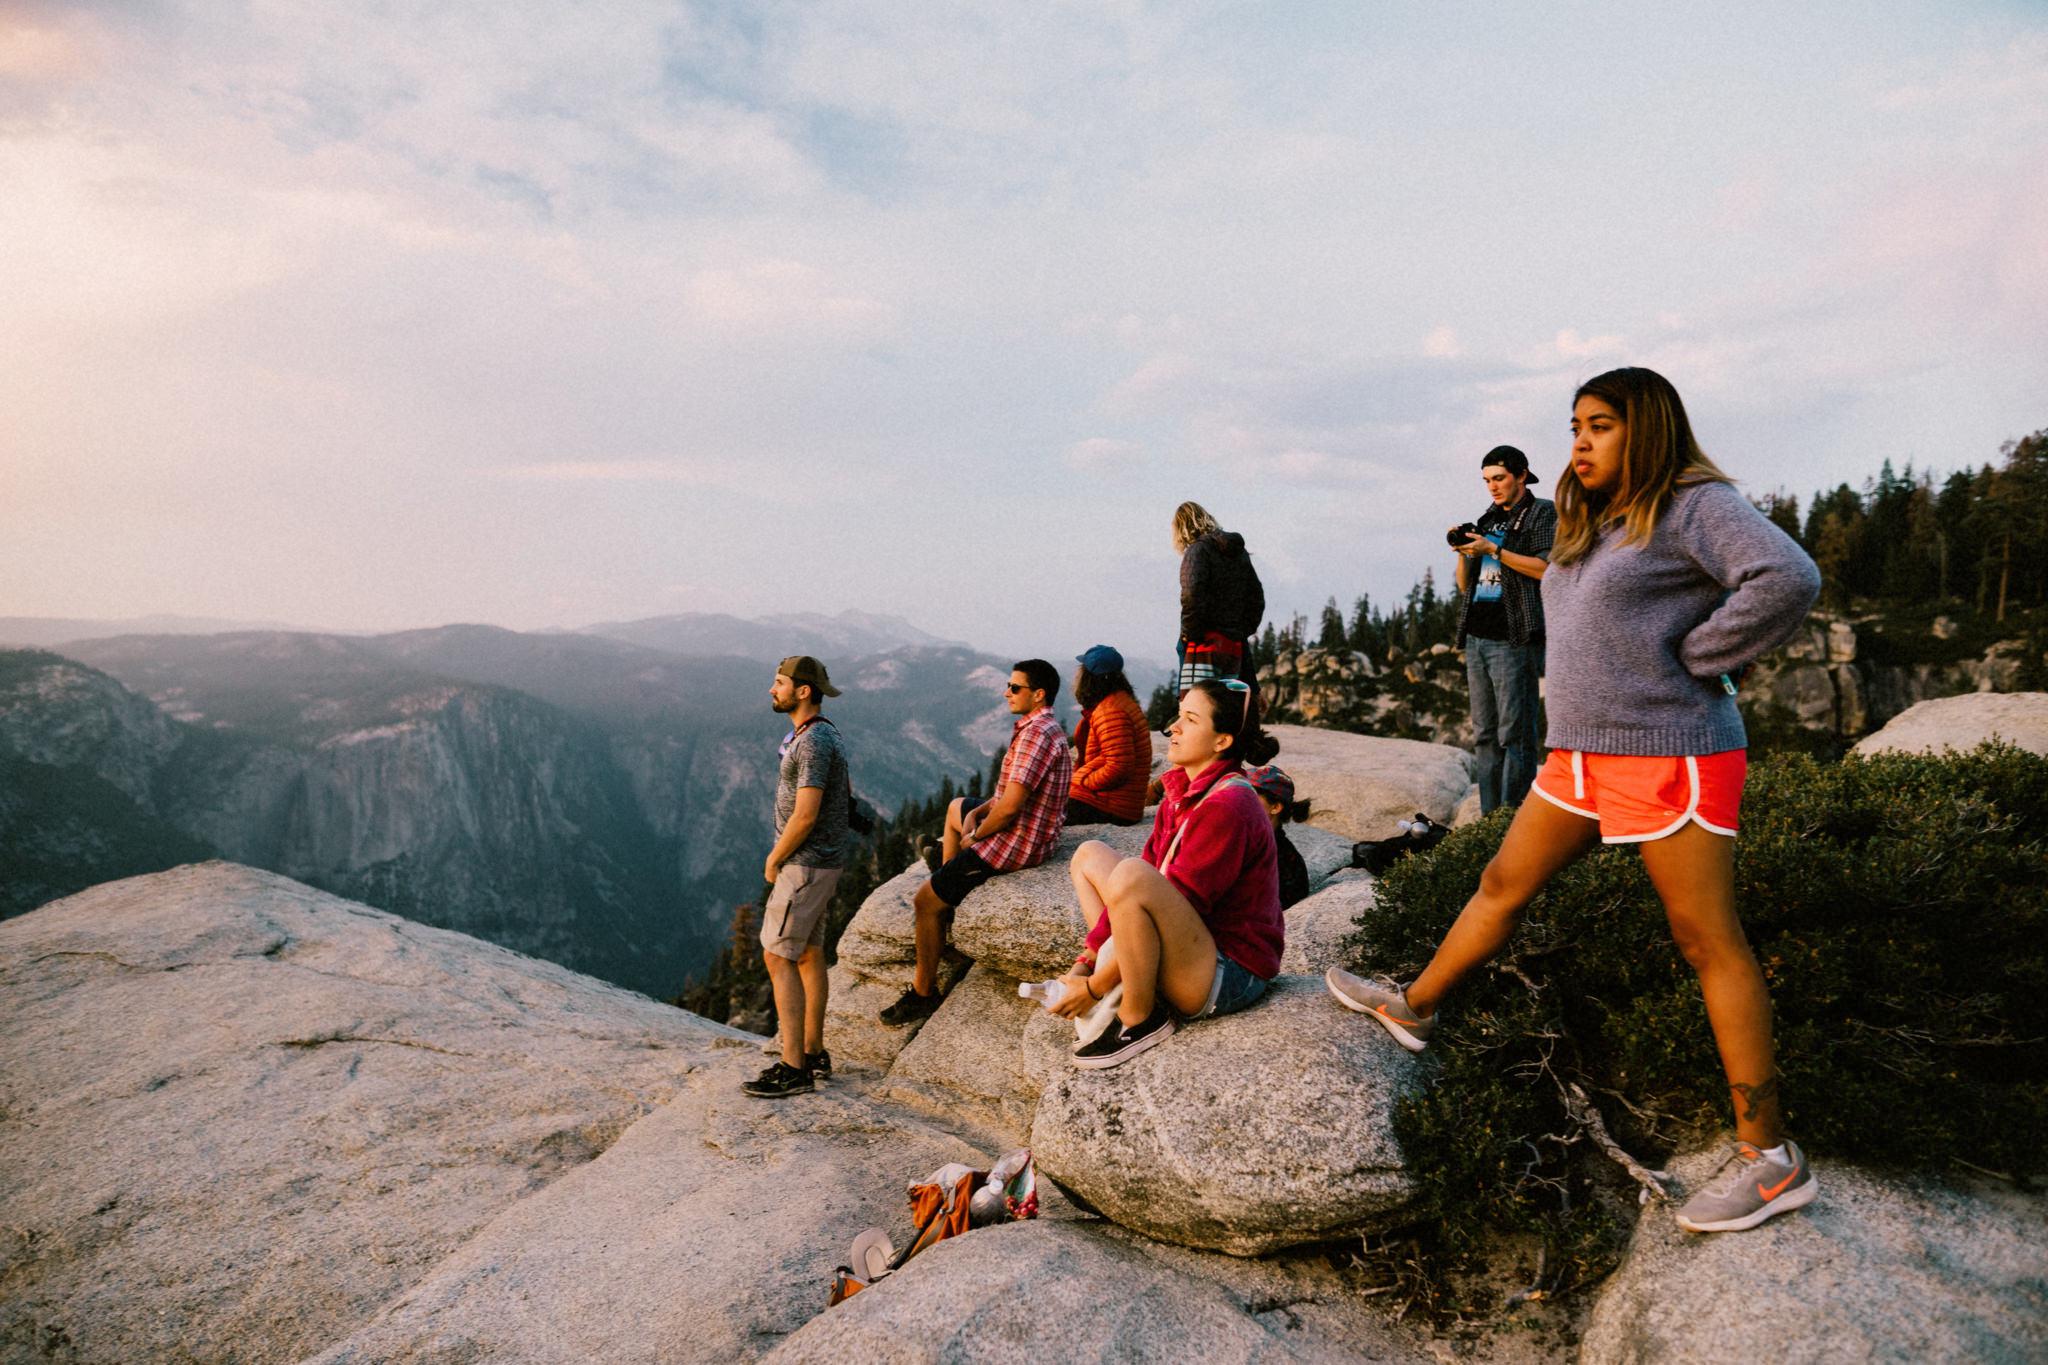 20160820_Yosemite_0220-Exposure.jpg